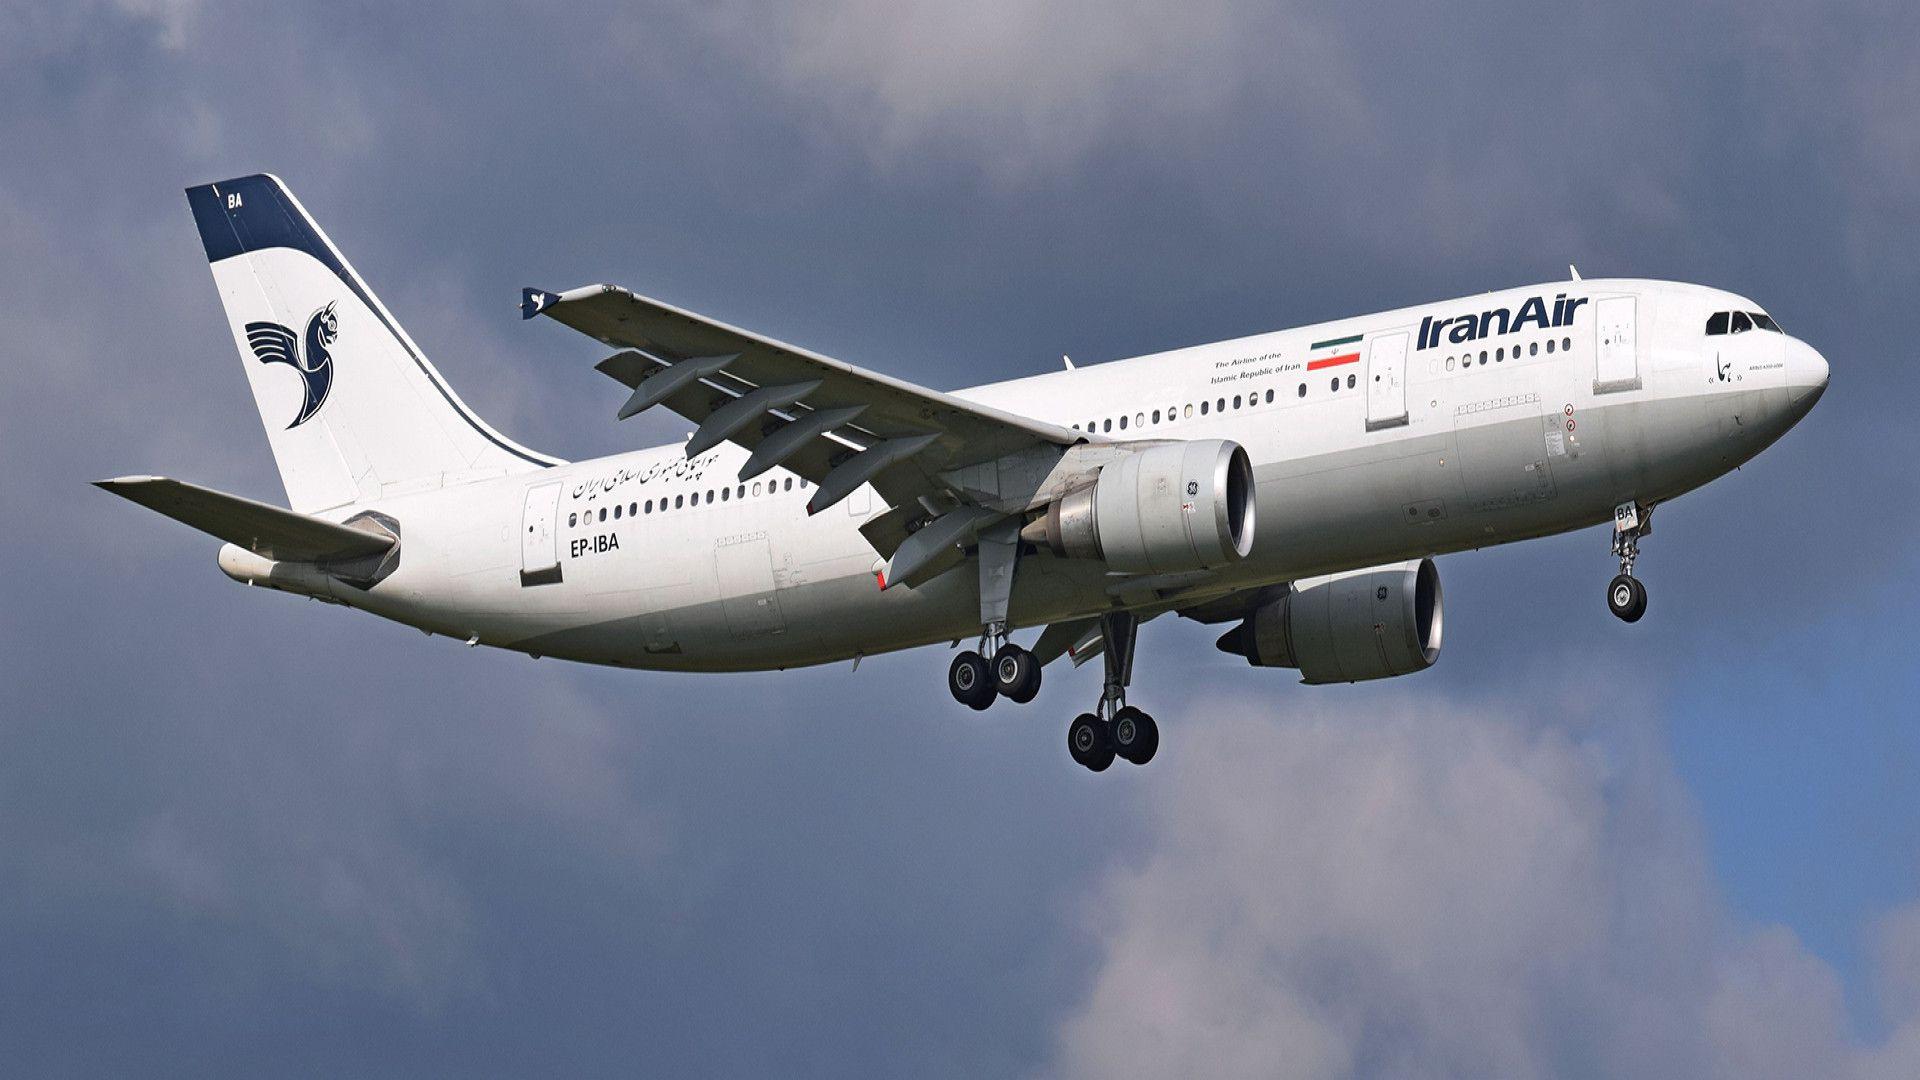 اکثر کشورهای اروپایی، ترکیه و لبنان به هواپیماهای ایرانی سوخت نمیدهند